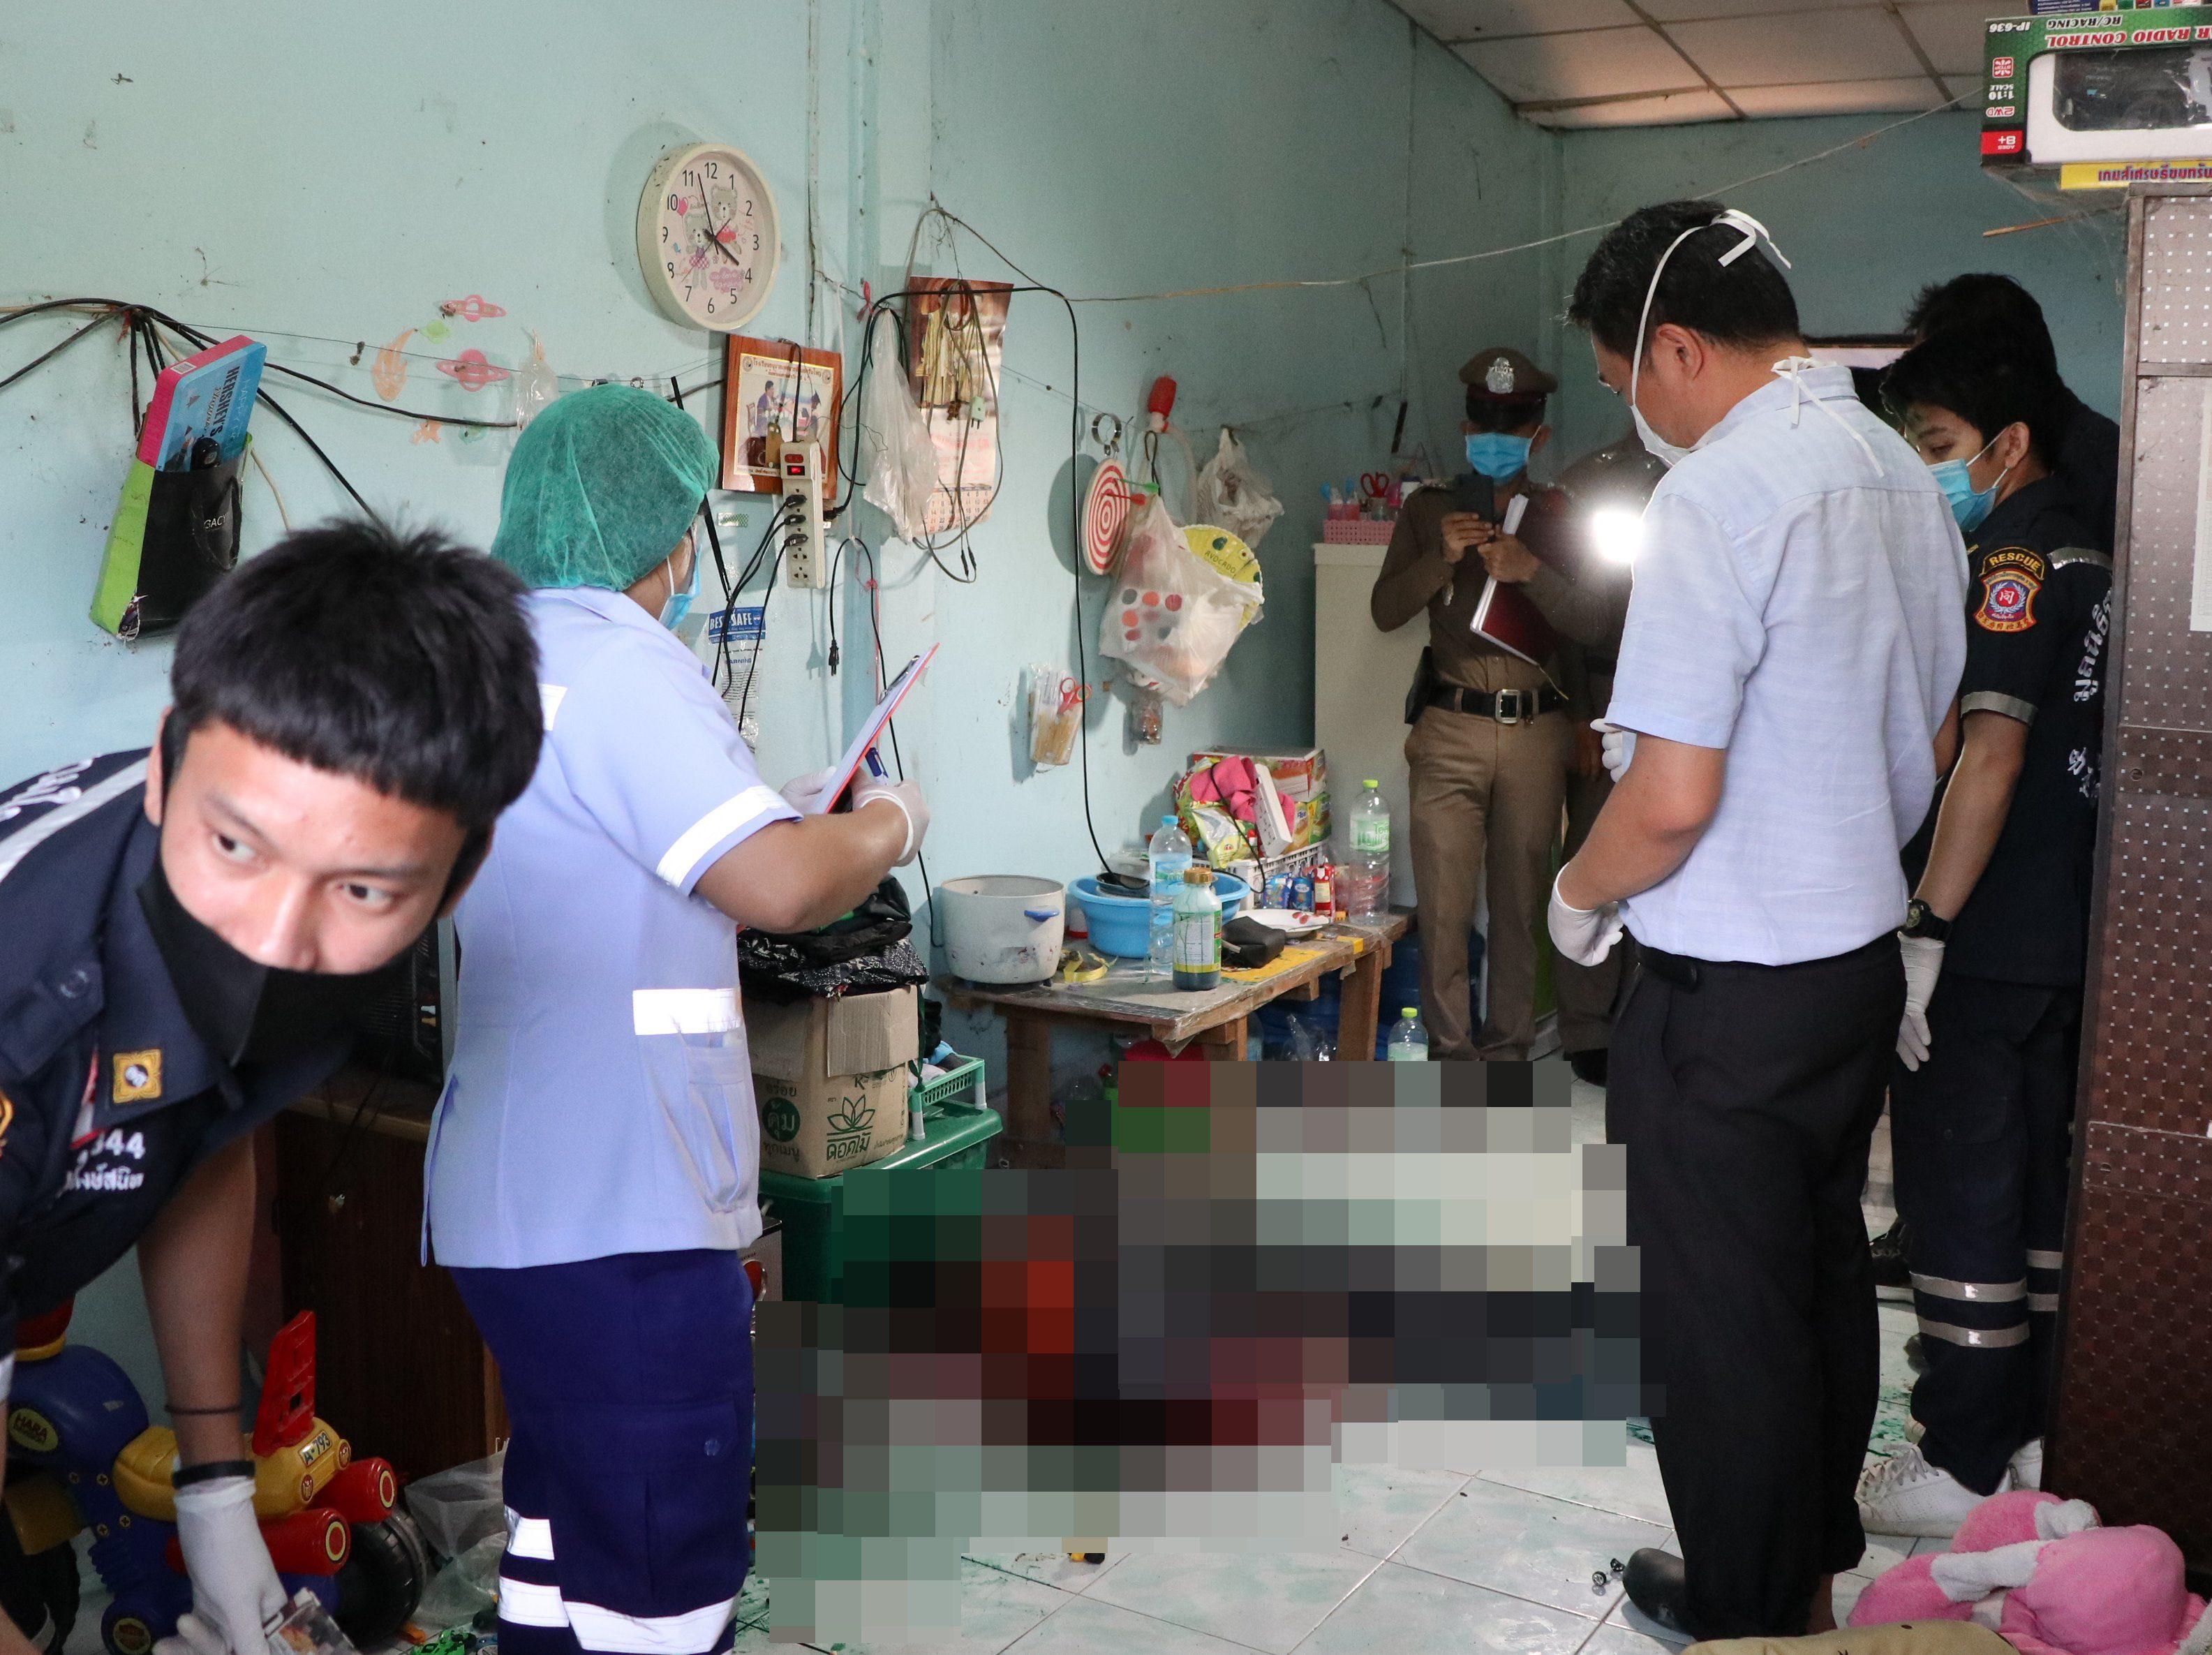 รวบผัวหึงโหด กระหน่ำแทงเมียดับสยอง คาห้องเช่า ก่อนกินยาหวังฆ่าตัวตายหนีผิด